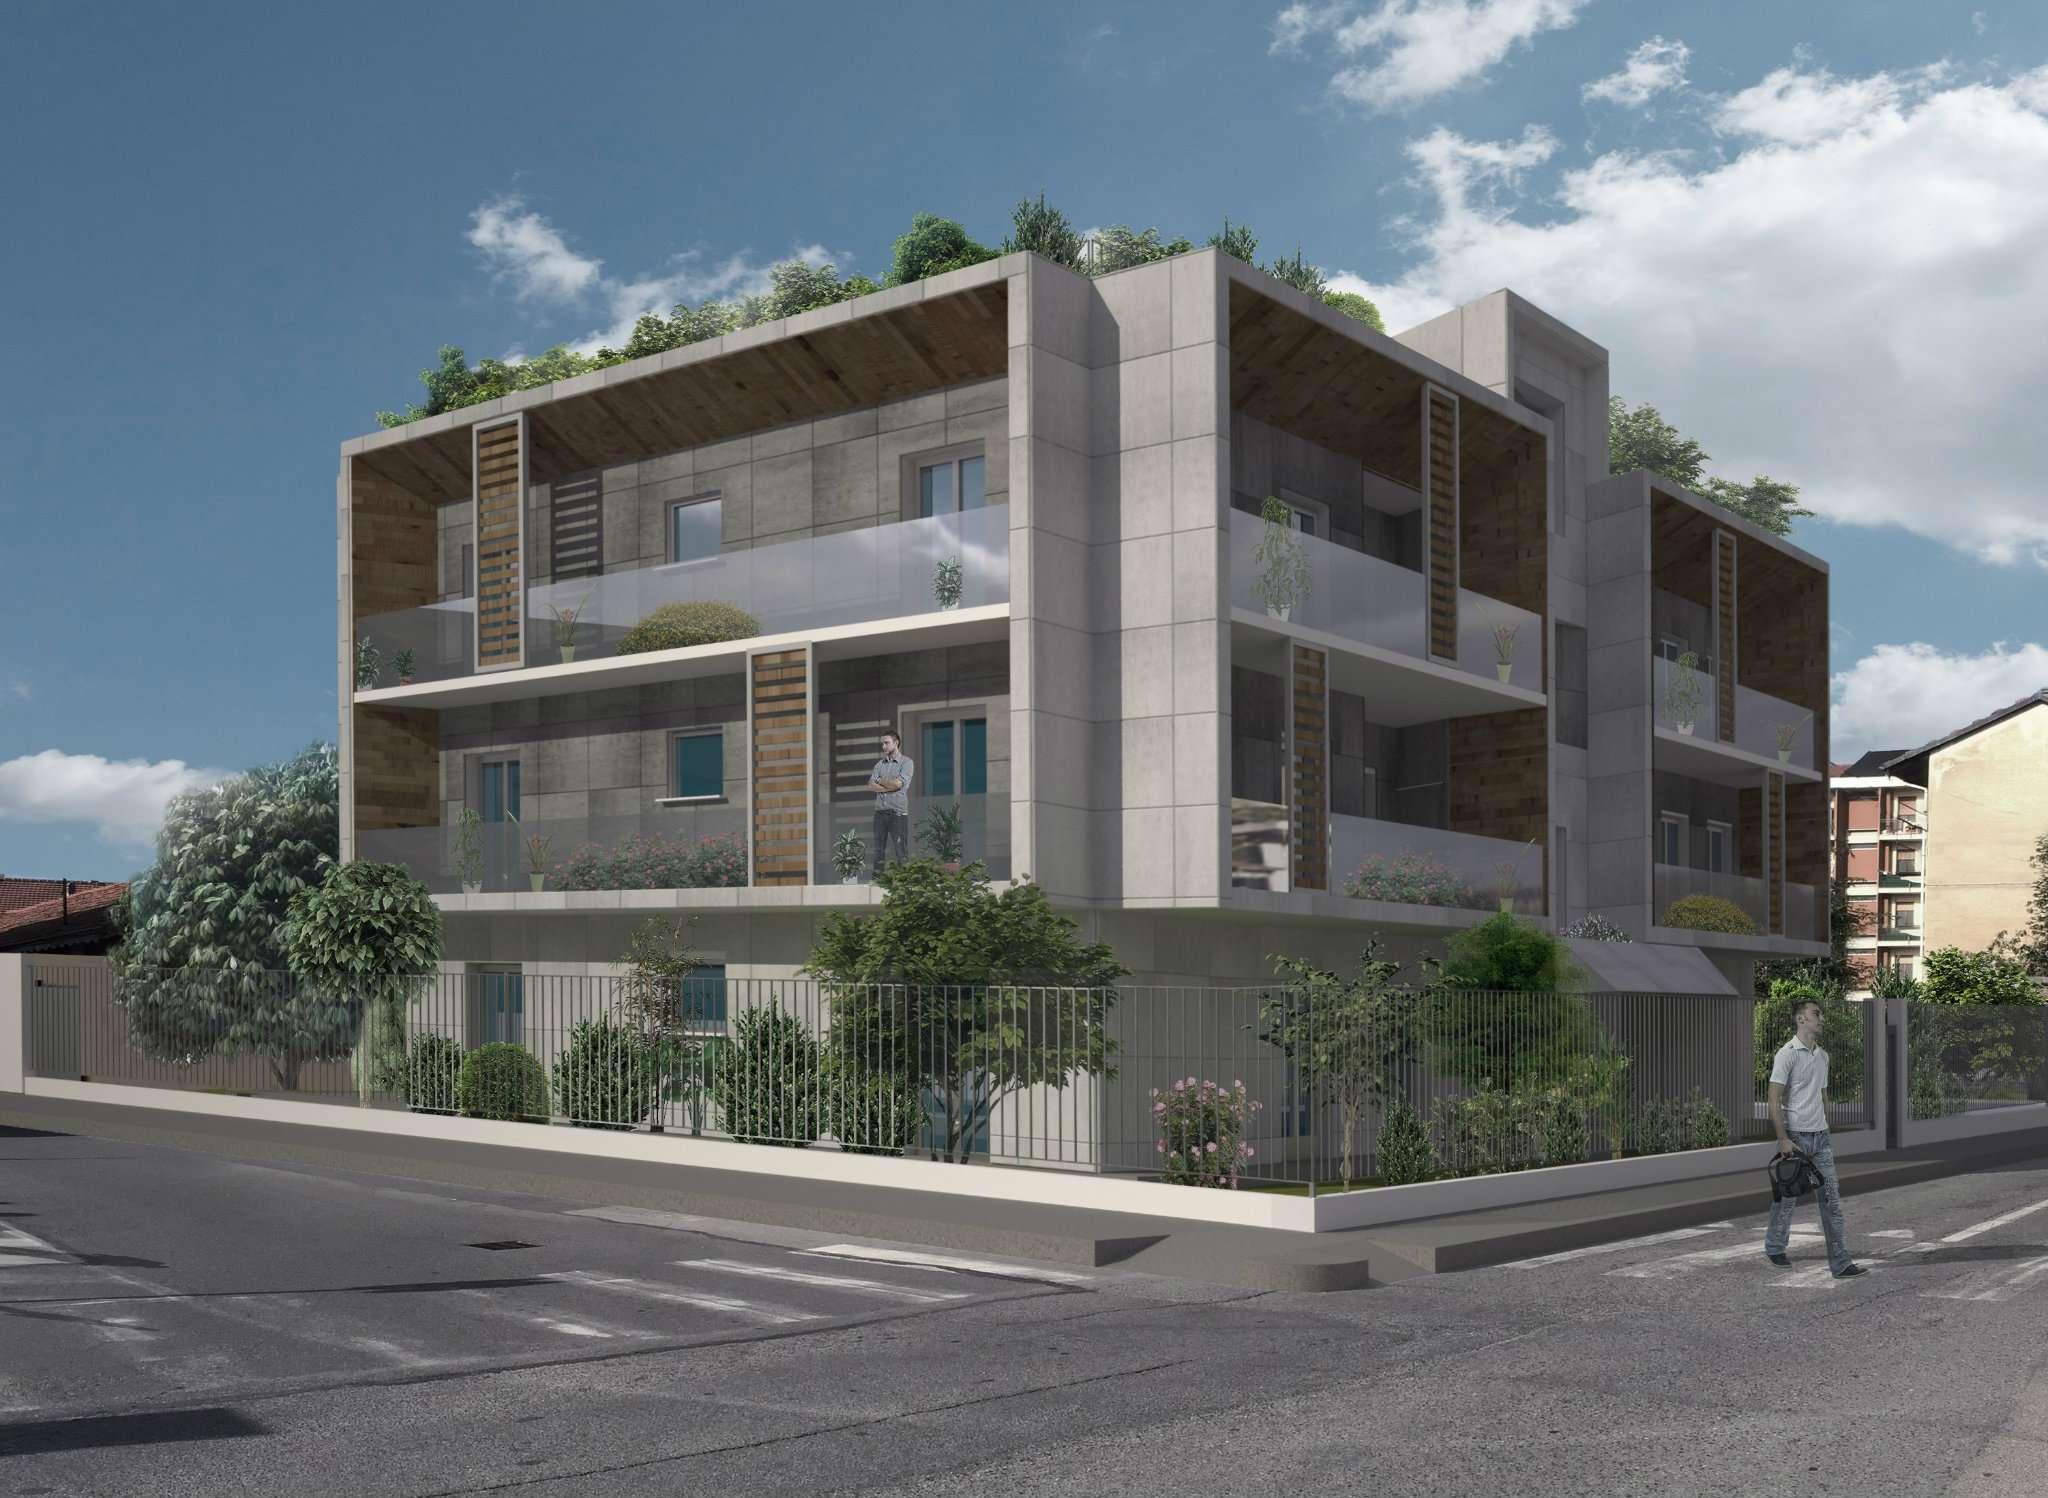 Attico / Mansarda in vendita a Ciriè, 4 locali, prezzo € 390.000 | PortaleAgenzieImmobiliari.it